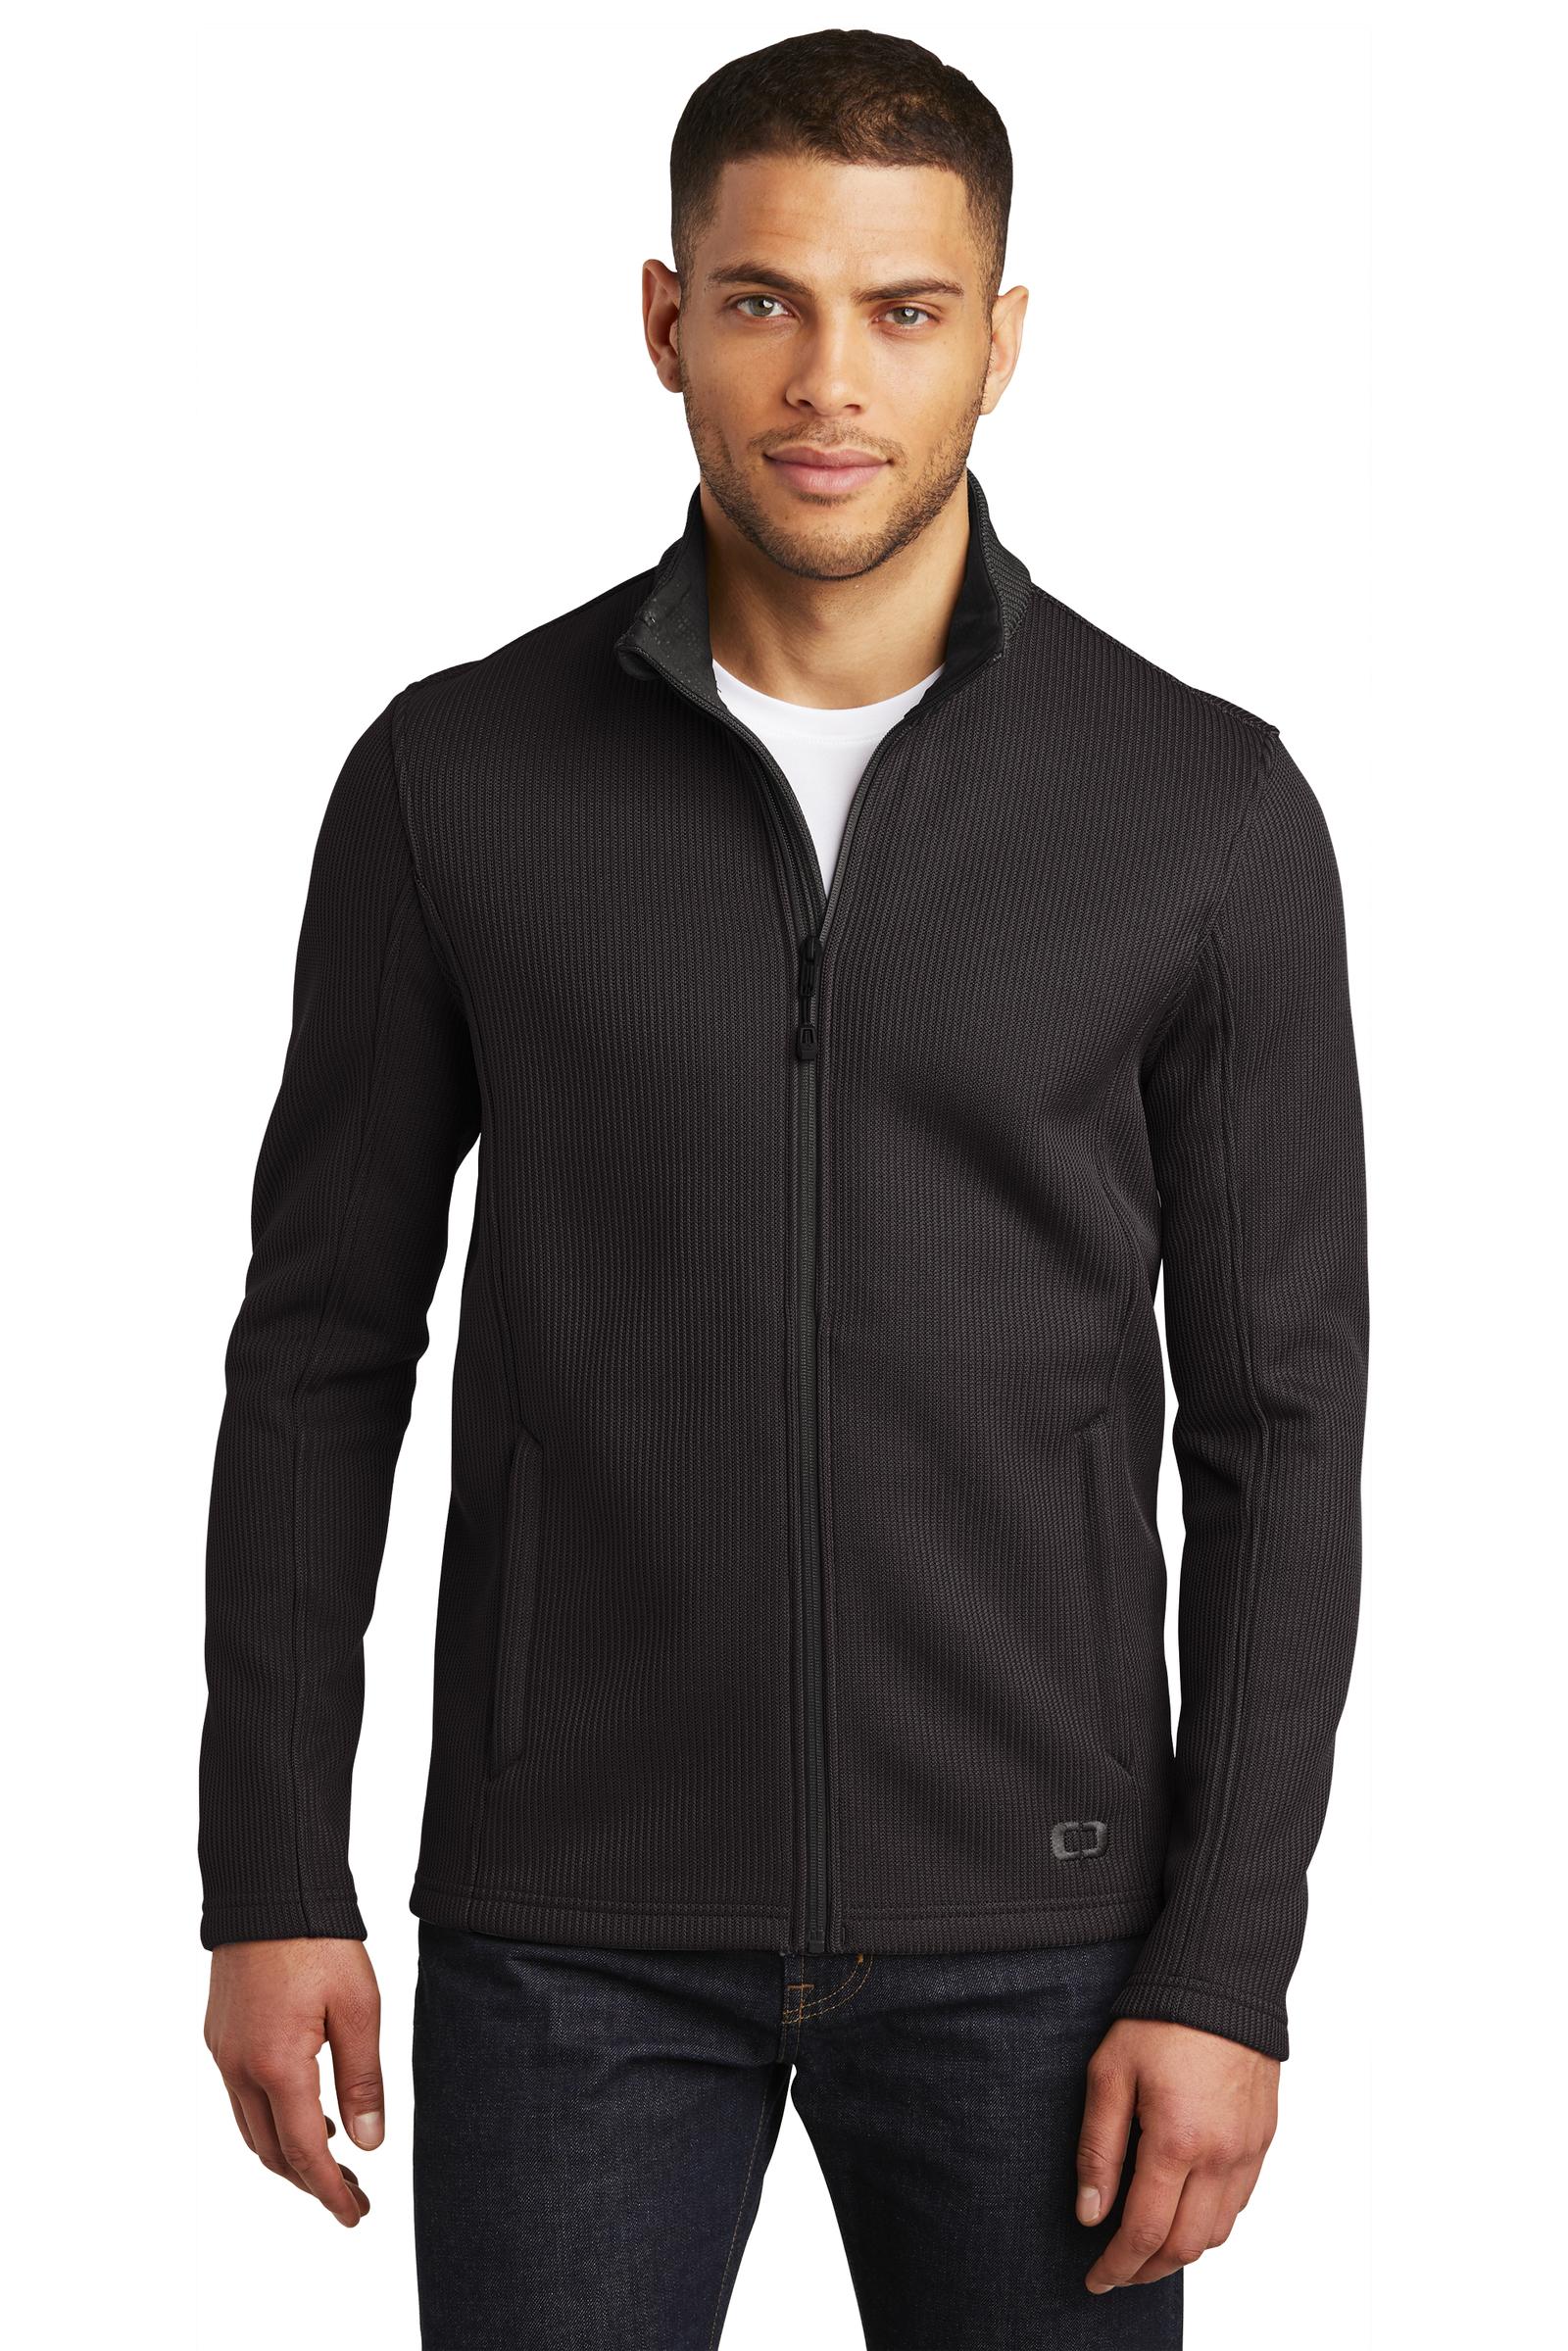 OGIO Embroidered Men's Grit Fleece Jacket